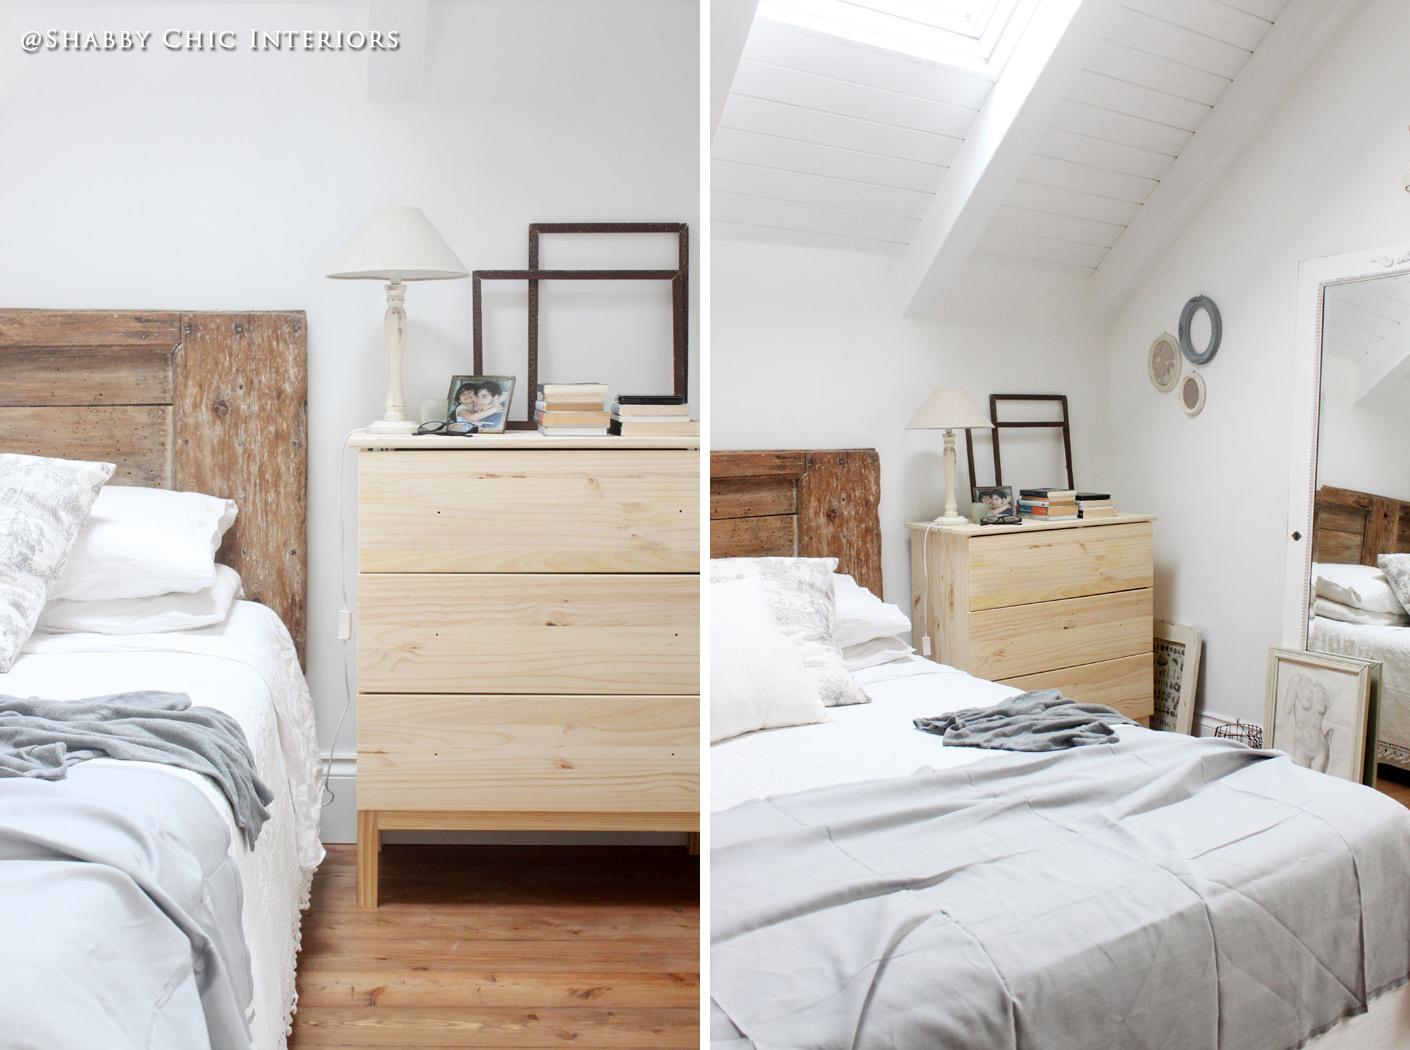 Arredamento Shabby Chic Camere Da Letto : Consigli per arredare la tua camera da letto in stile shabby chic